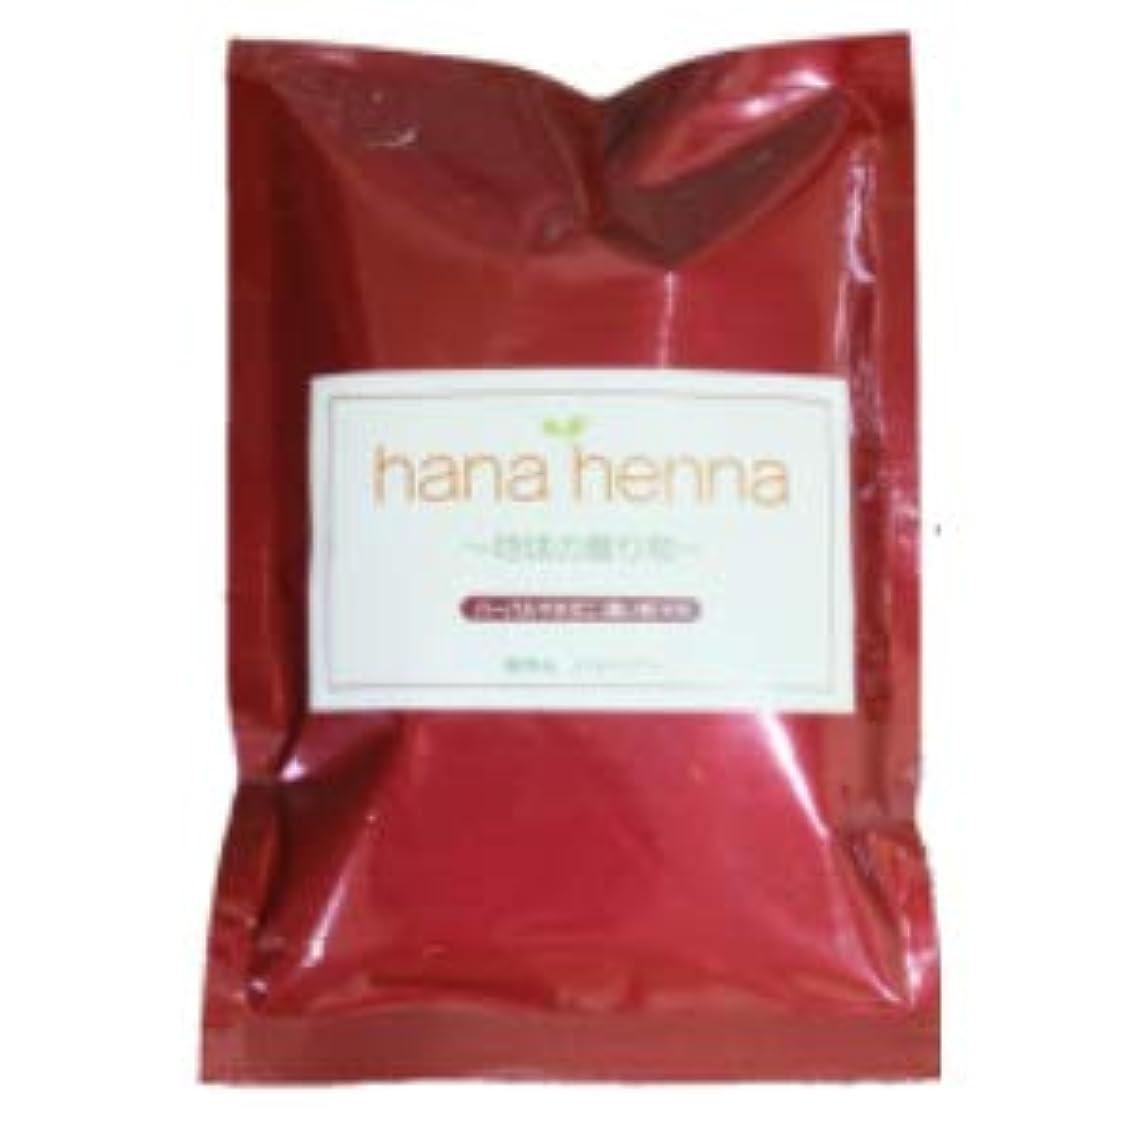 長くする生命体警告する?hana henna?ハナヘナ ハーバルマホガニー(濃い茶) (100g)